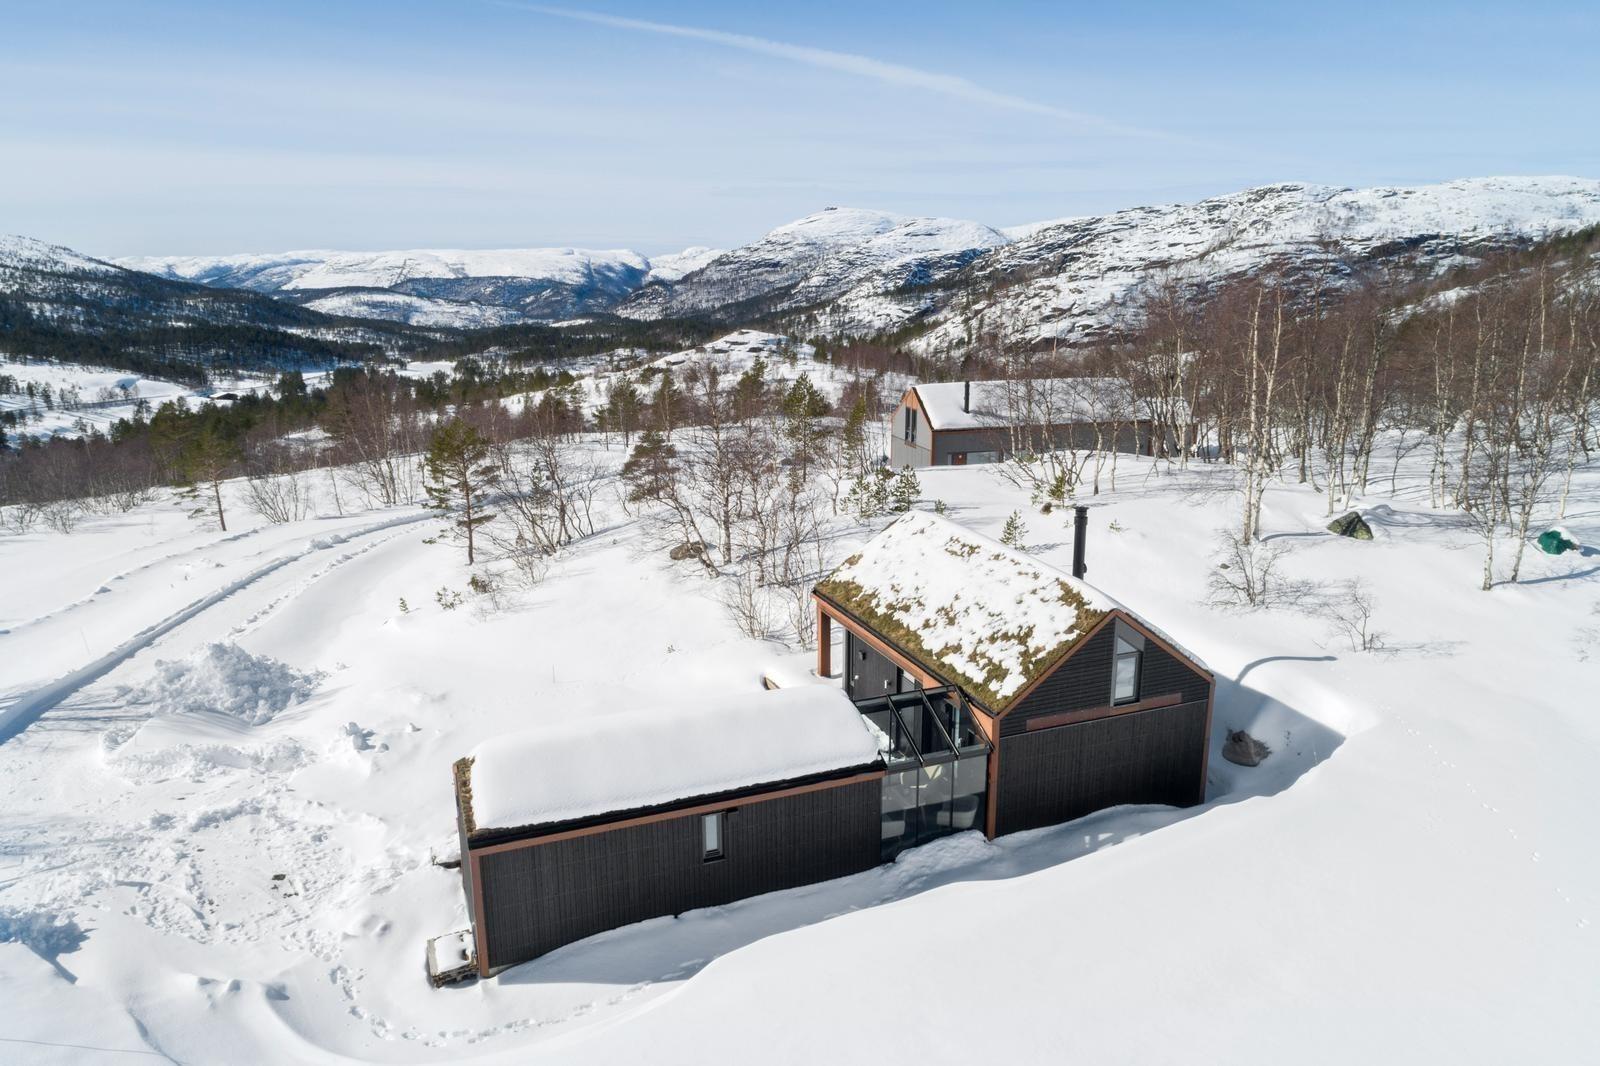 Hattevarden Knaben er et fantastisk sted på høyfjellet - lokalisert mellom Sirdal og Hovden